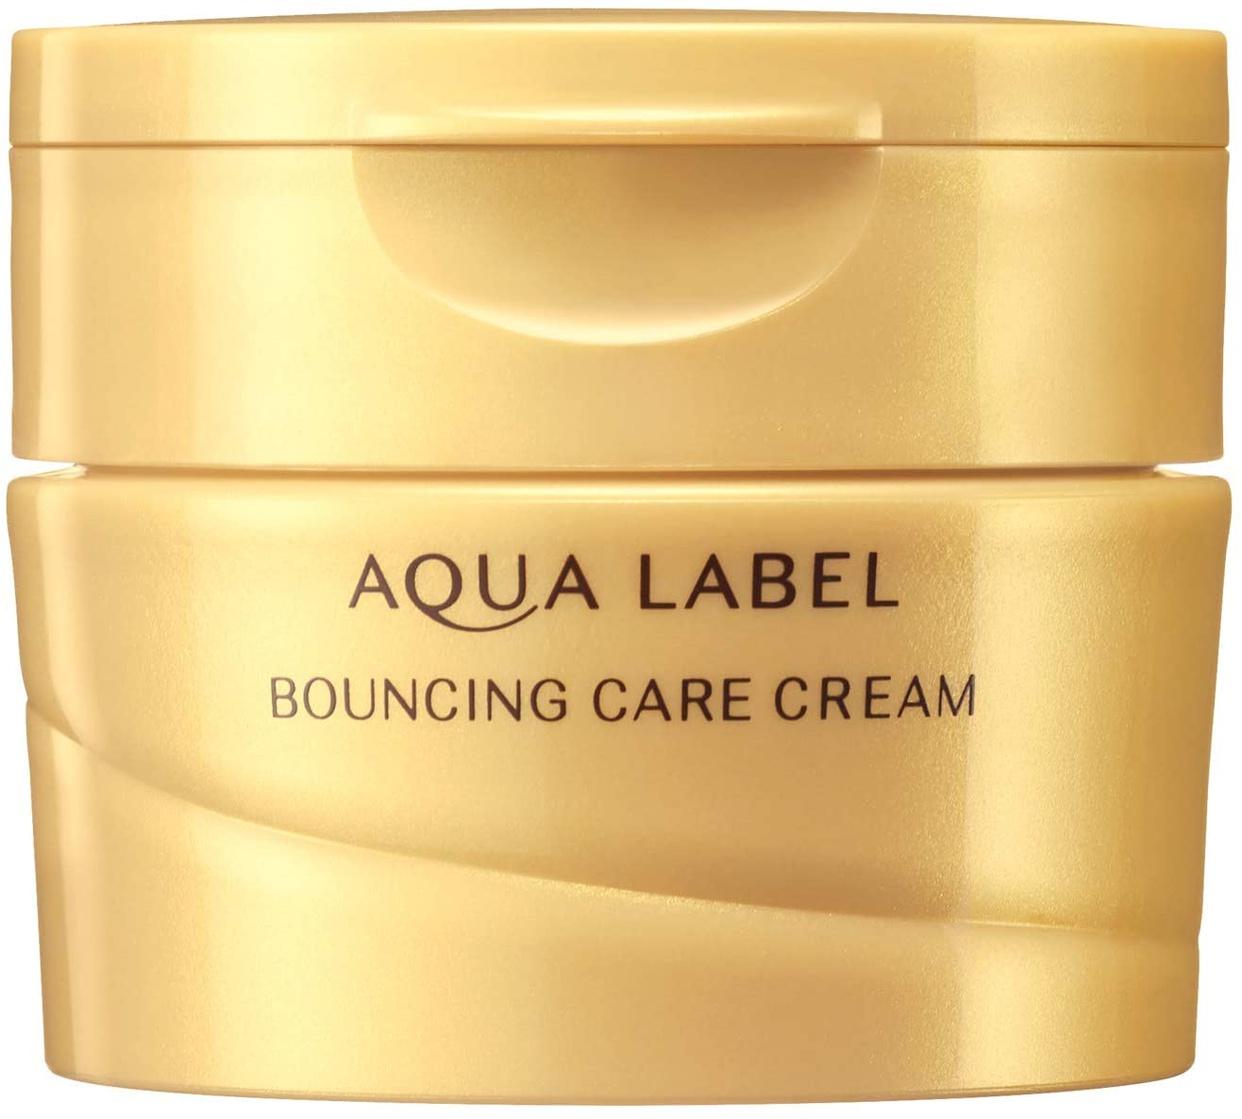 AQUALABEL(アクアレーベル) バウンシングケア クリームの商品画像